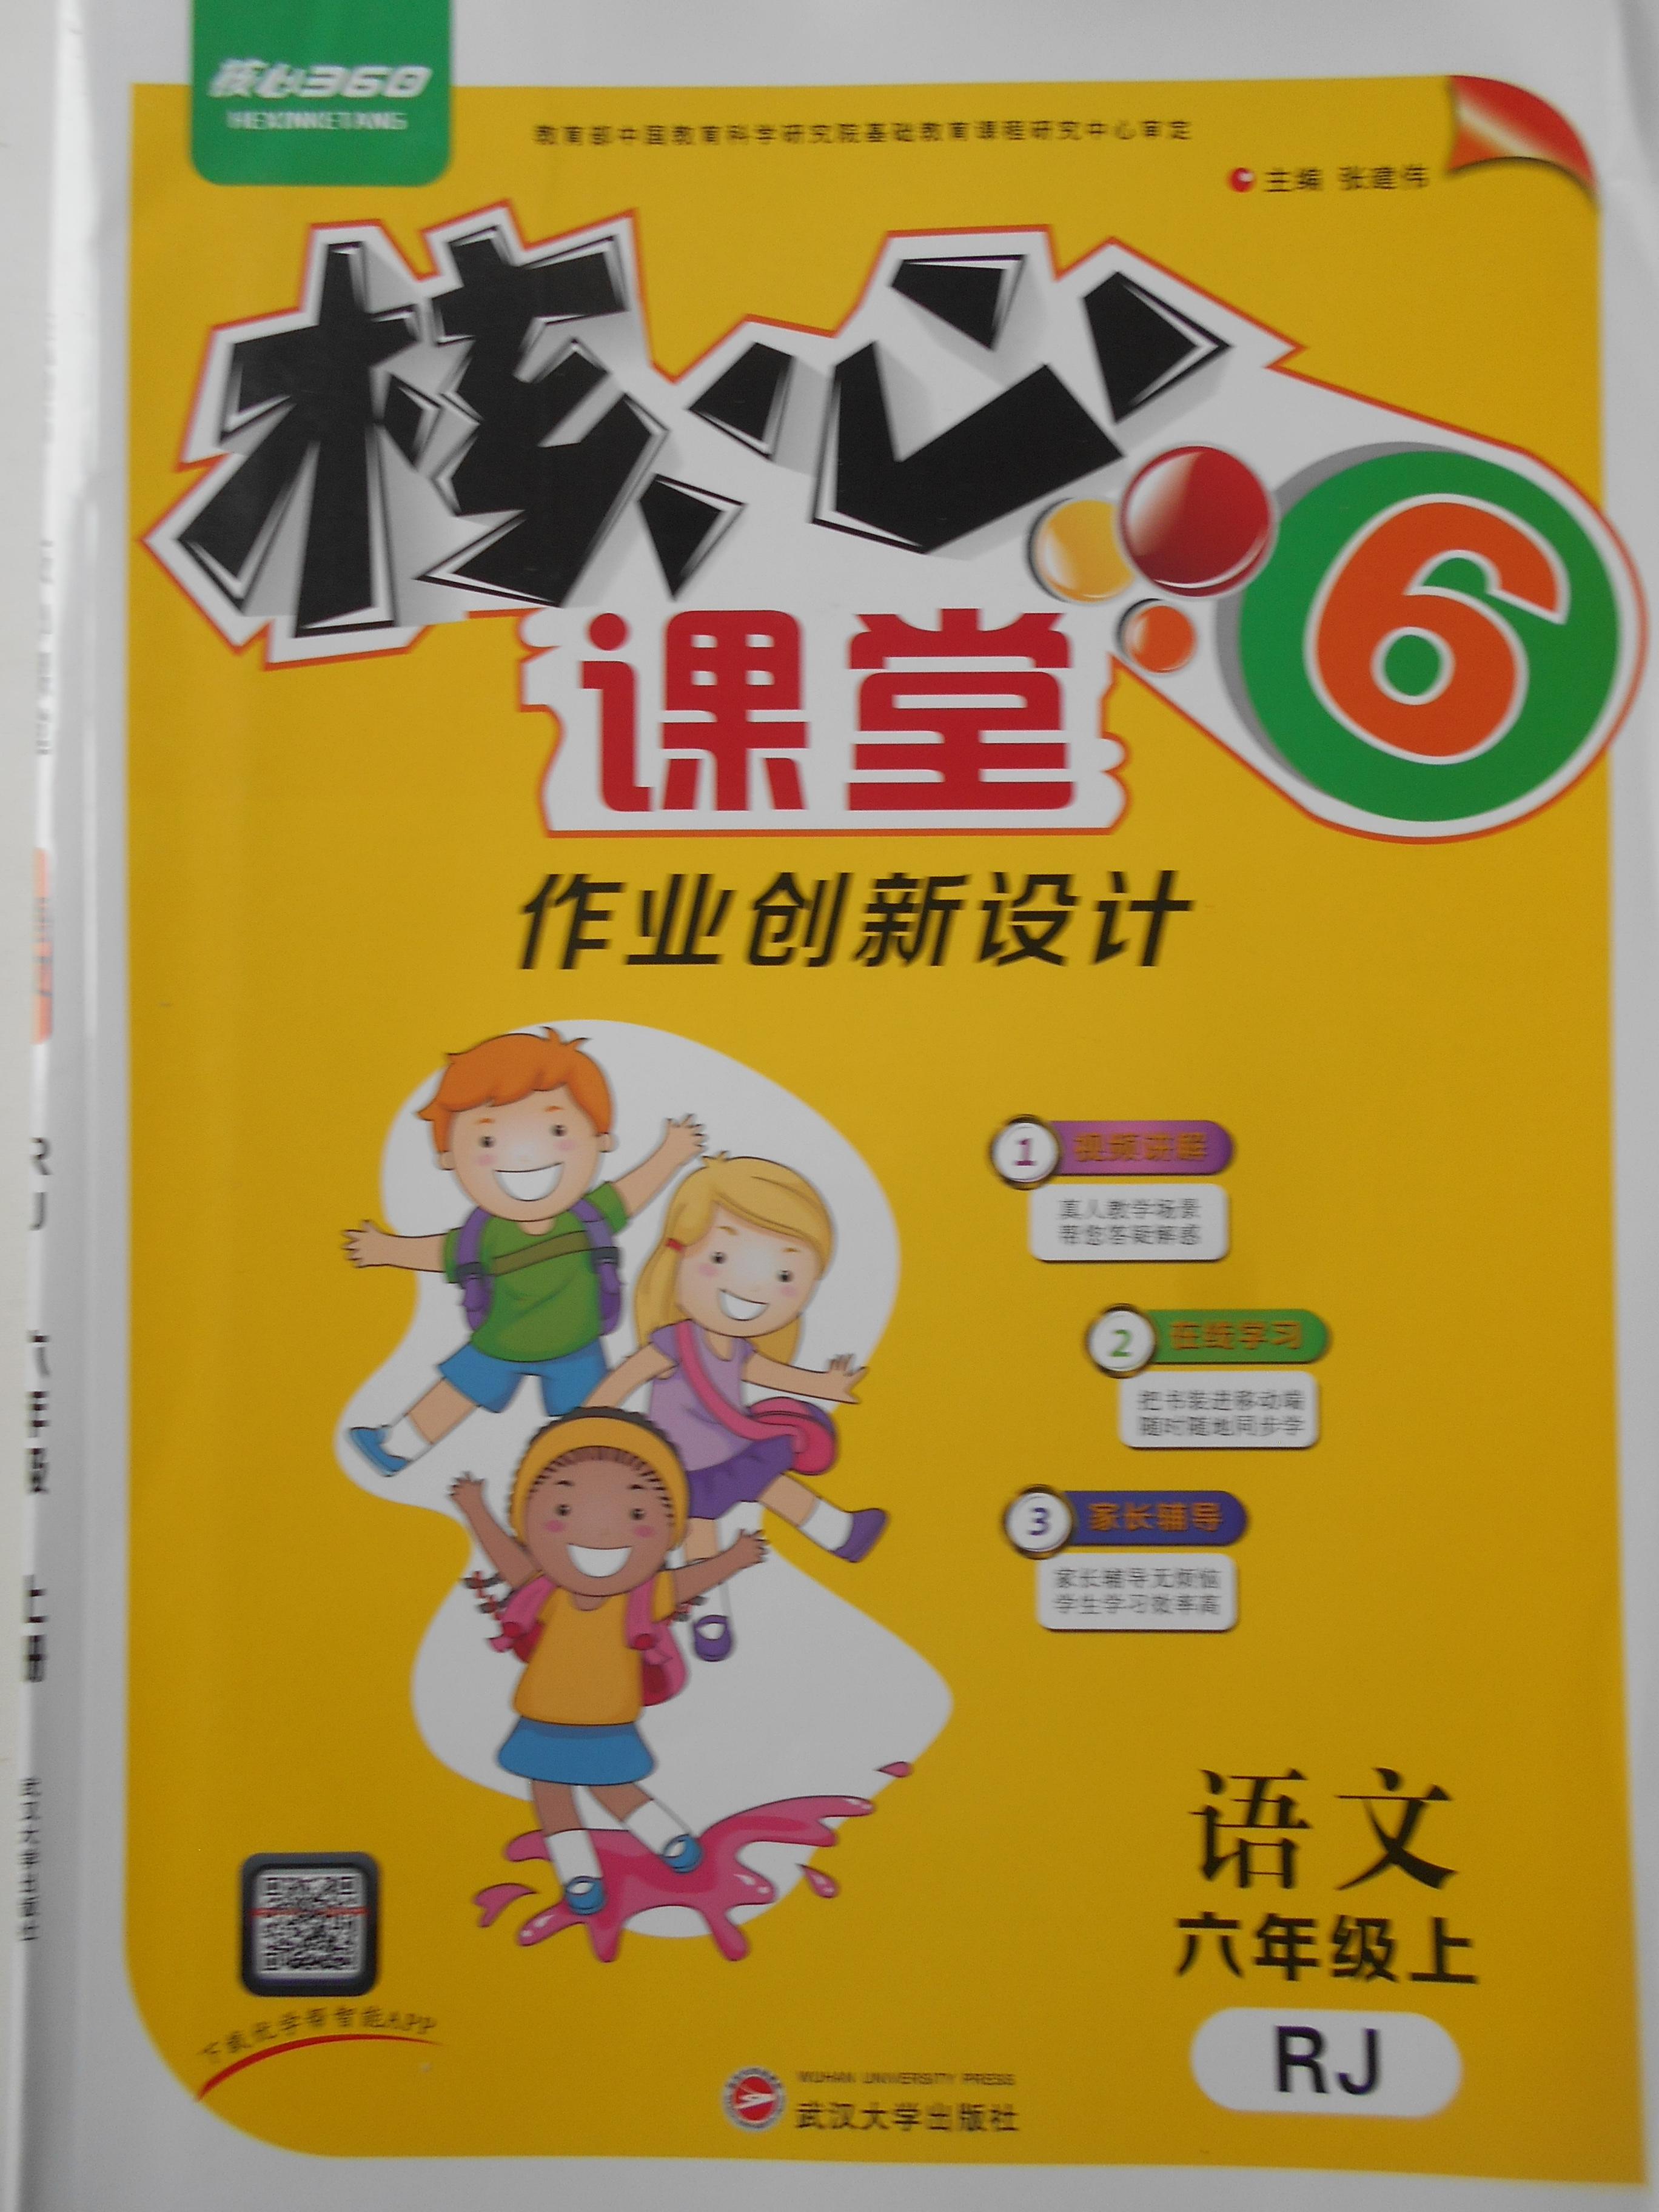 2017年核心课堂作业创新设计六年级语文上册人教版